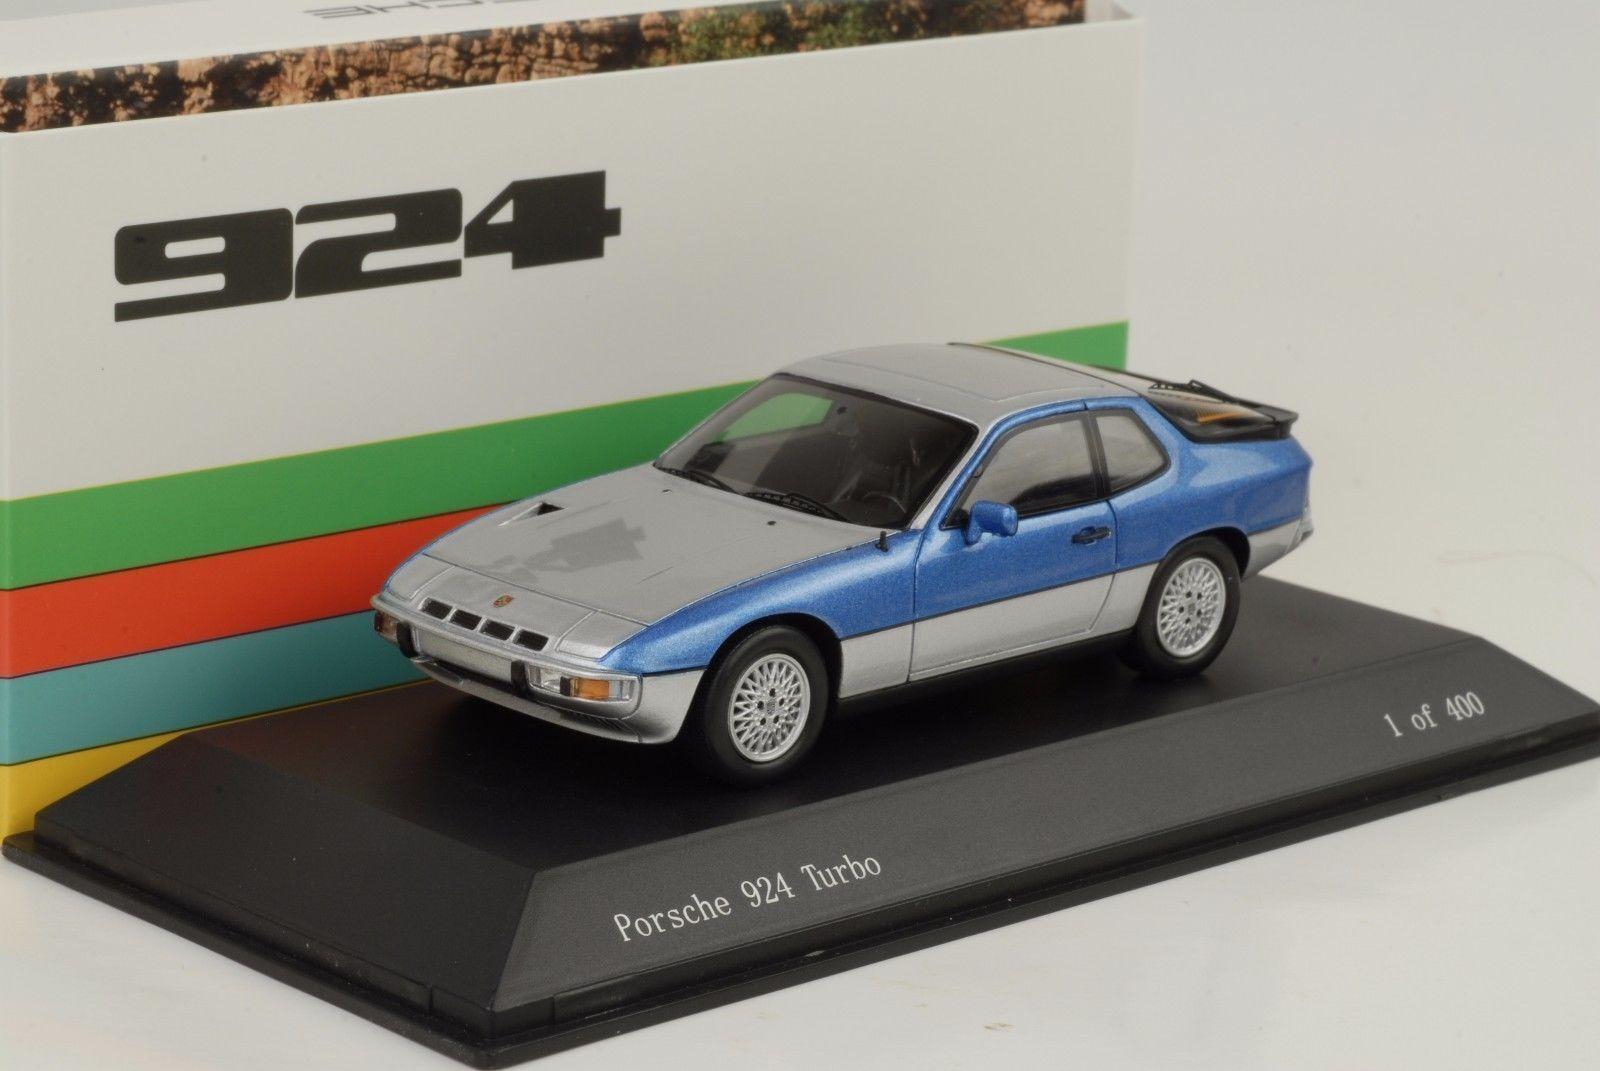 Porsche Turbo 924 1977 blu argento 1 43 Spark museo